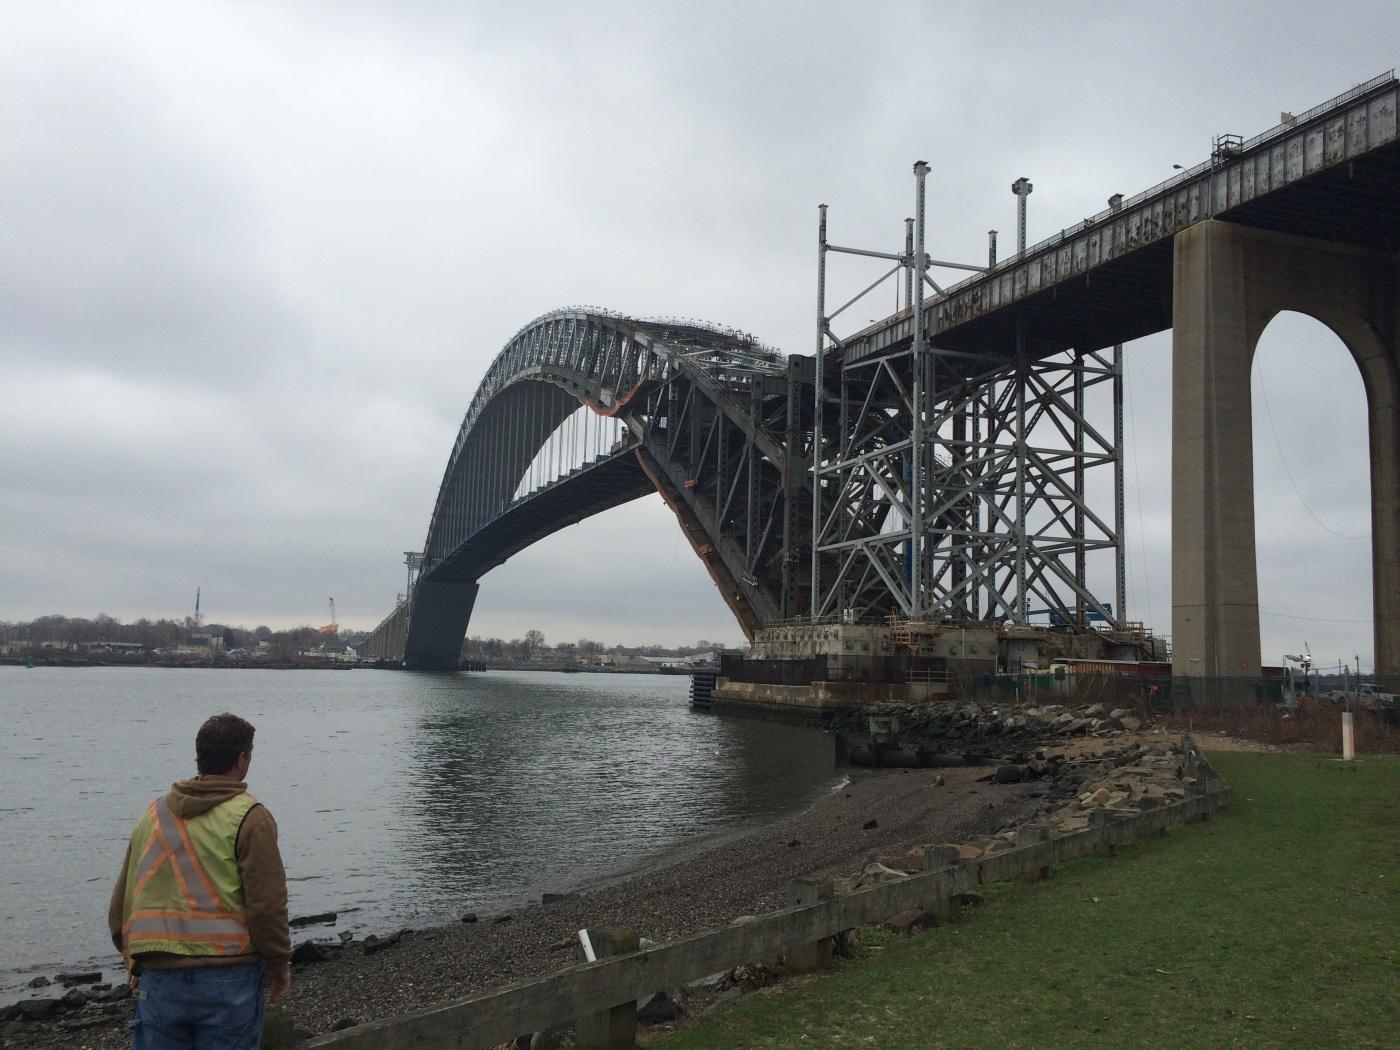 Bayonne Bridge, Bayonne New Jersey